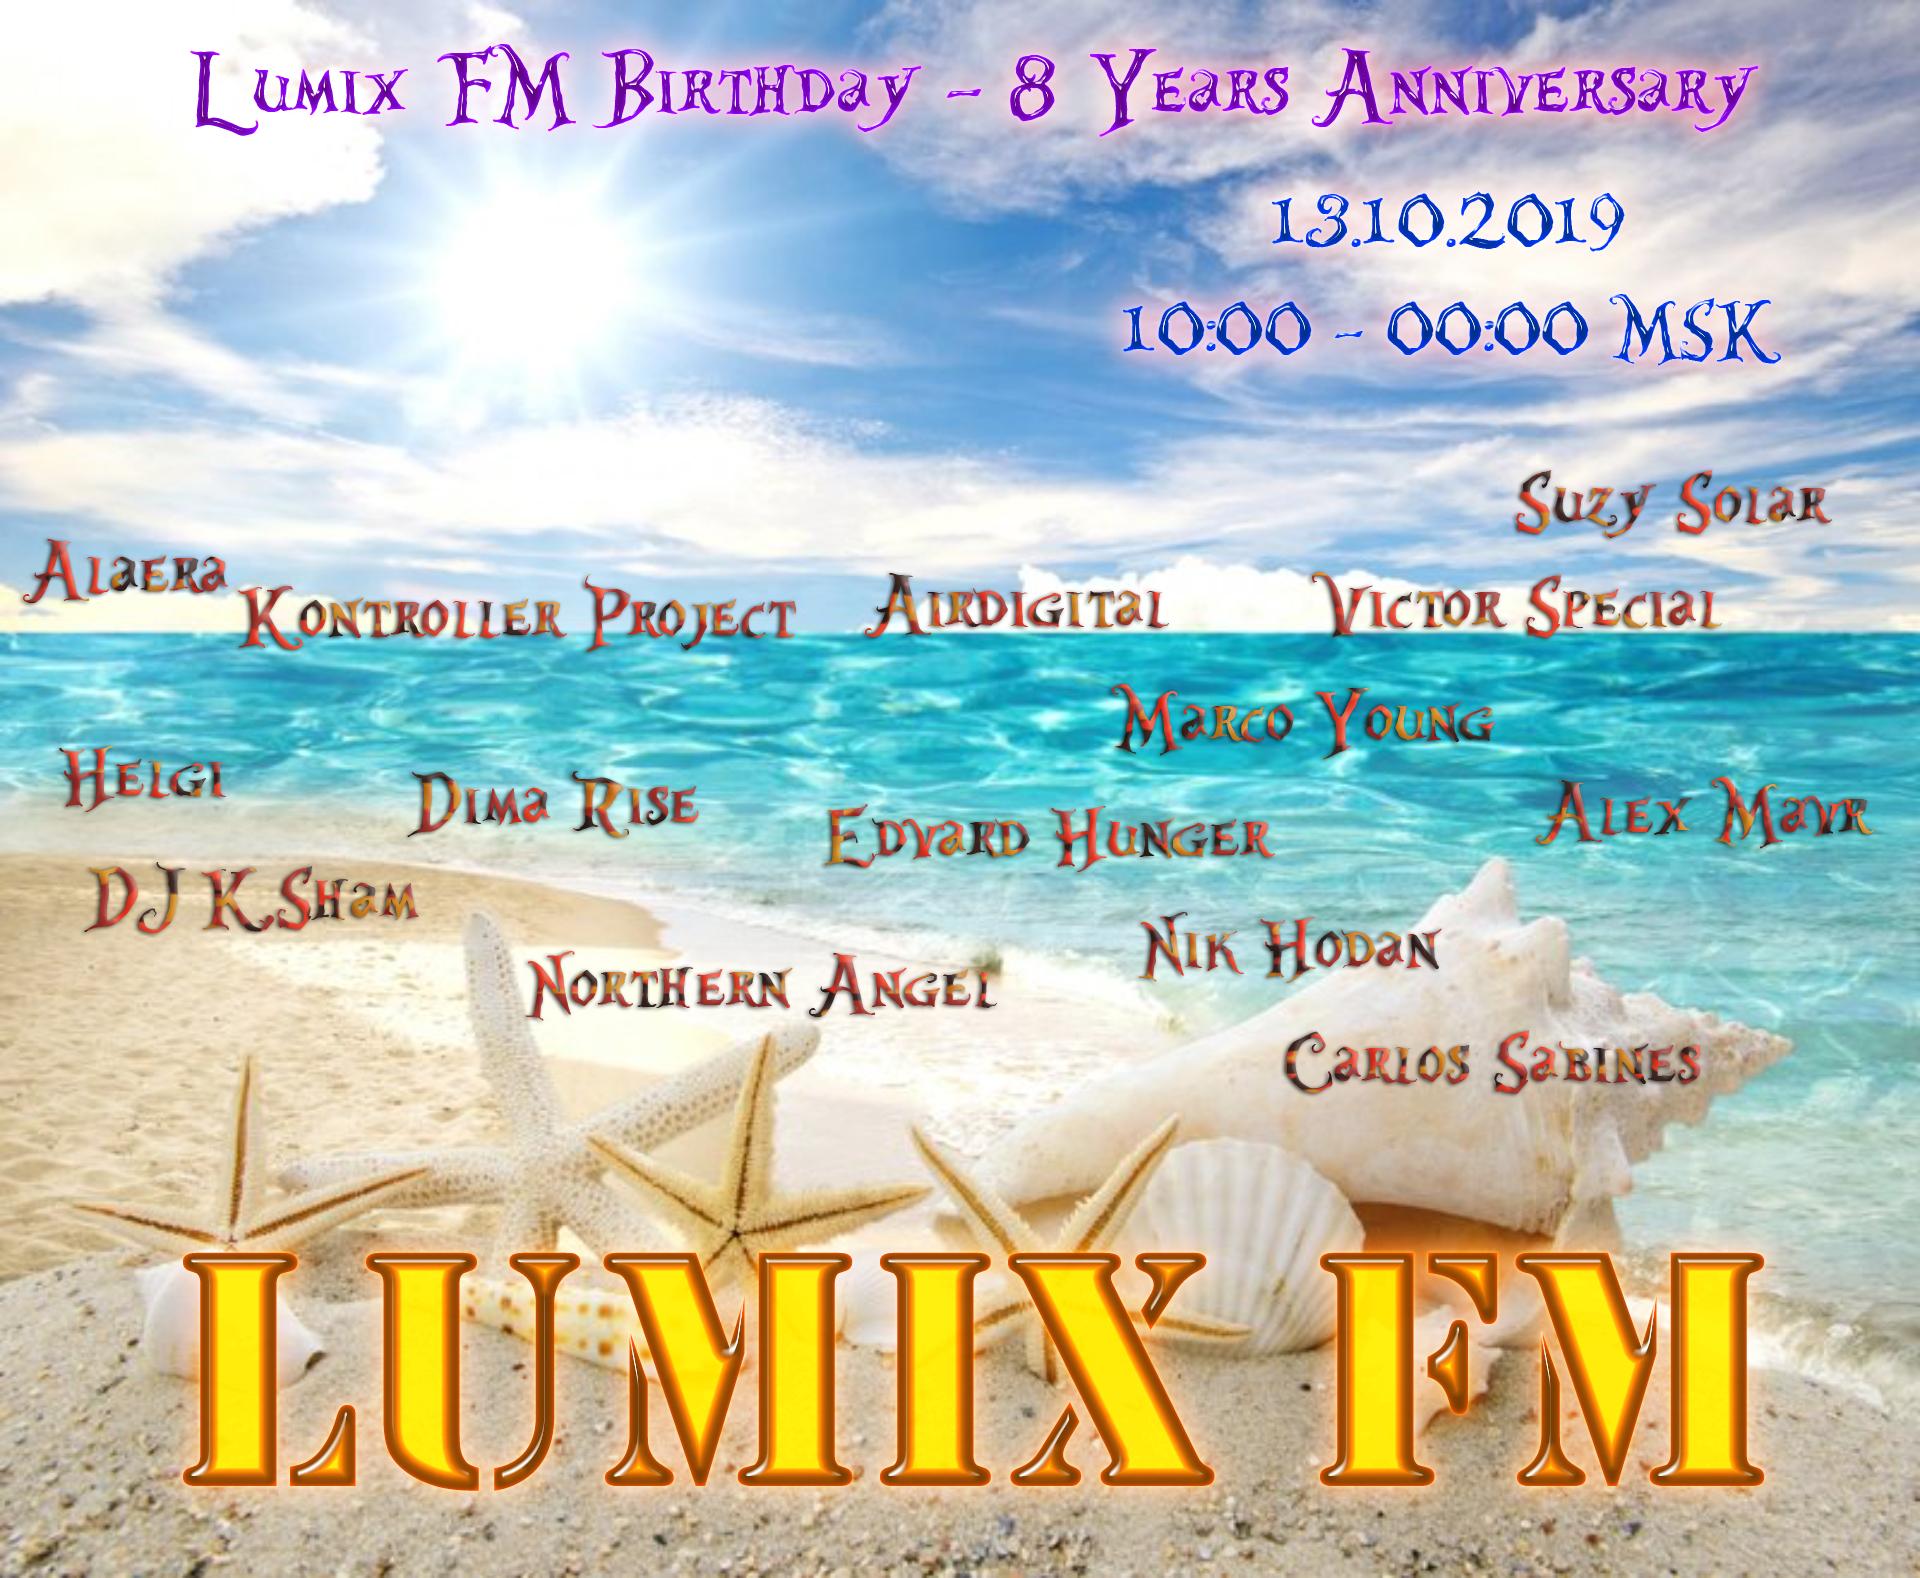 Lumix FM Birthday — 8 Years Anniversary